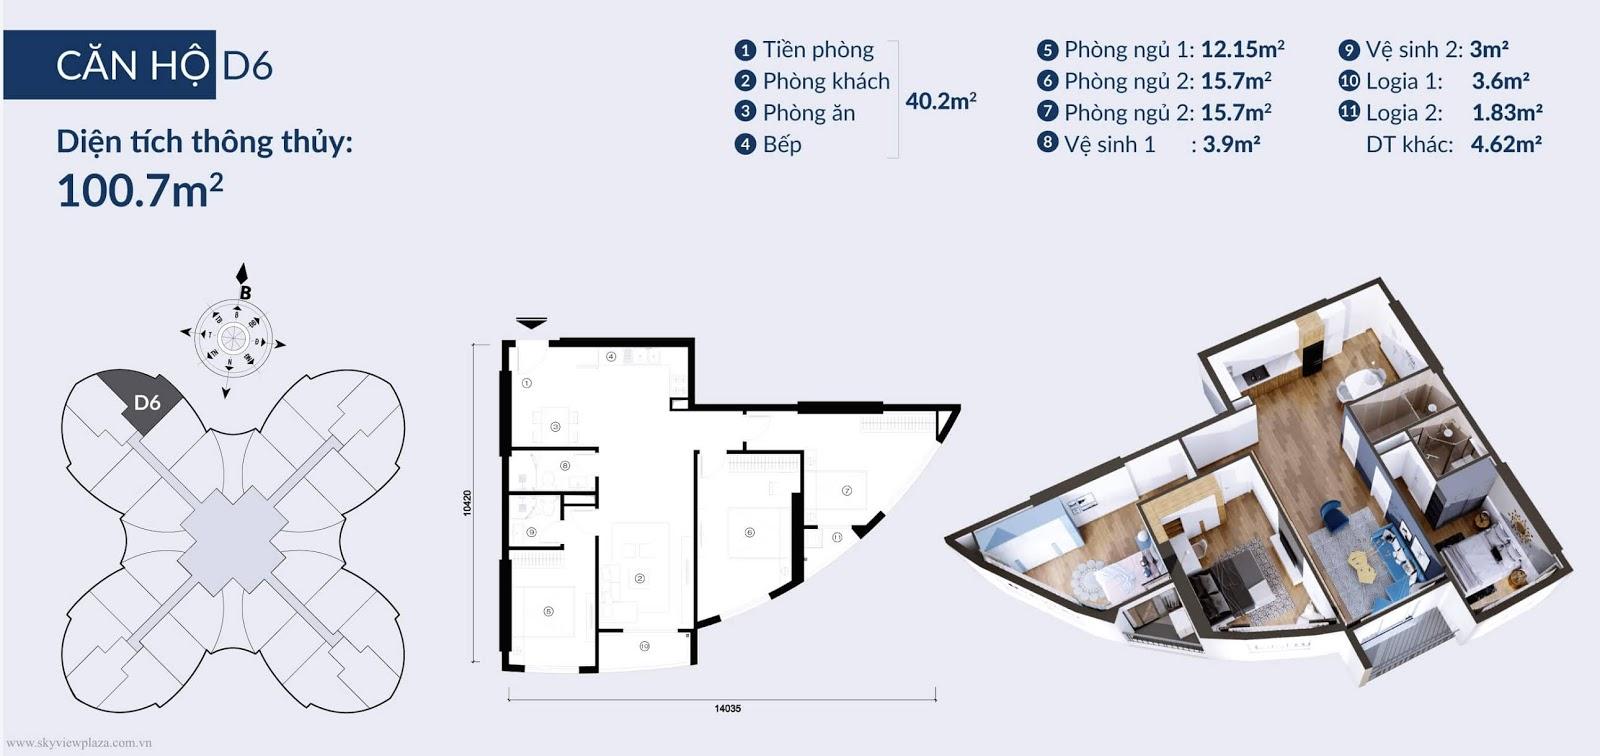 Chi tiết căn hộ D6 dự án Sky View Plaza Giải Phóng